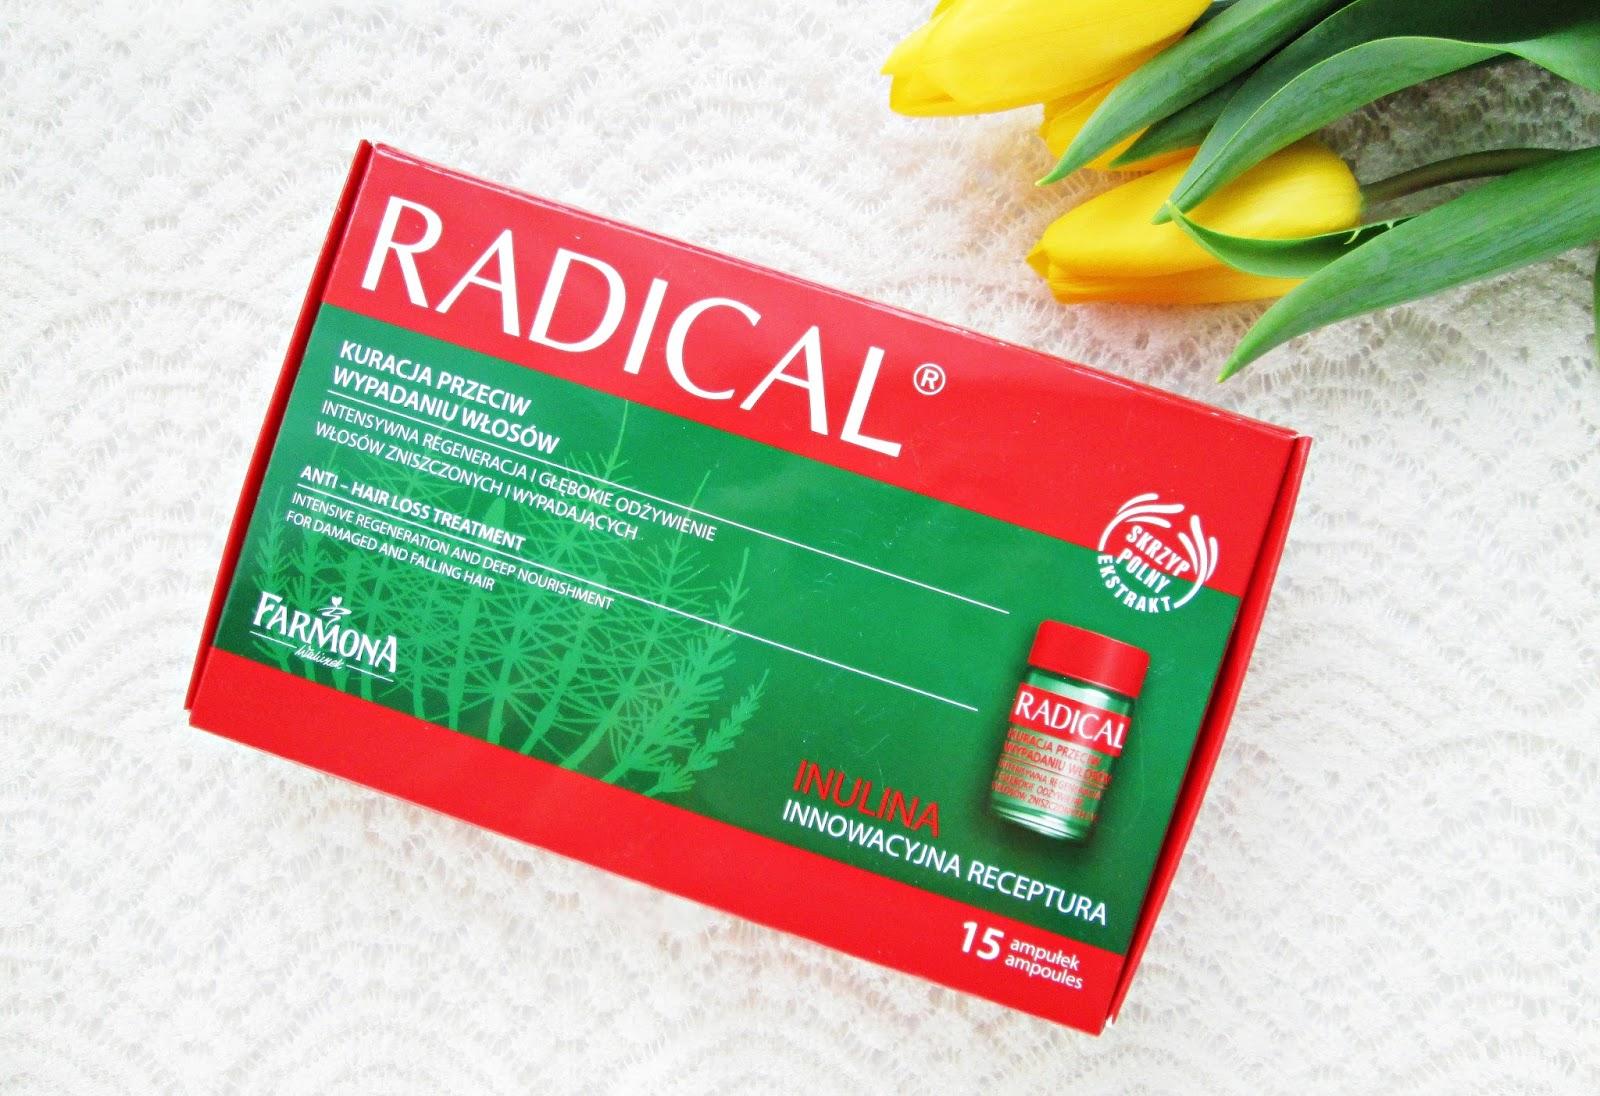 Farmona Radical ampułki Kuracja przeciw wypadaniu włosów